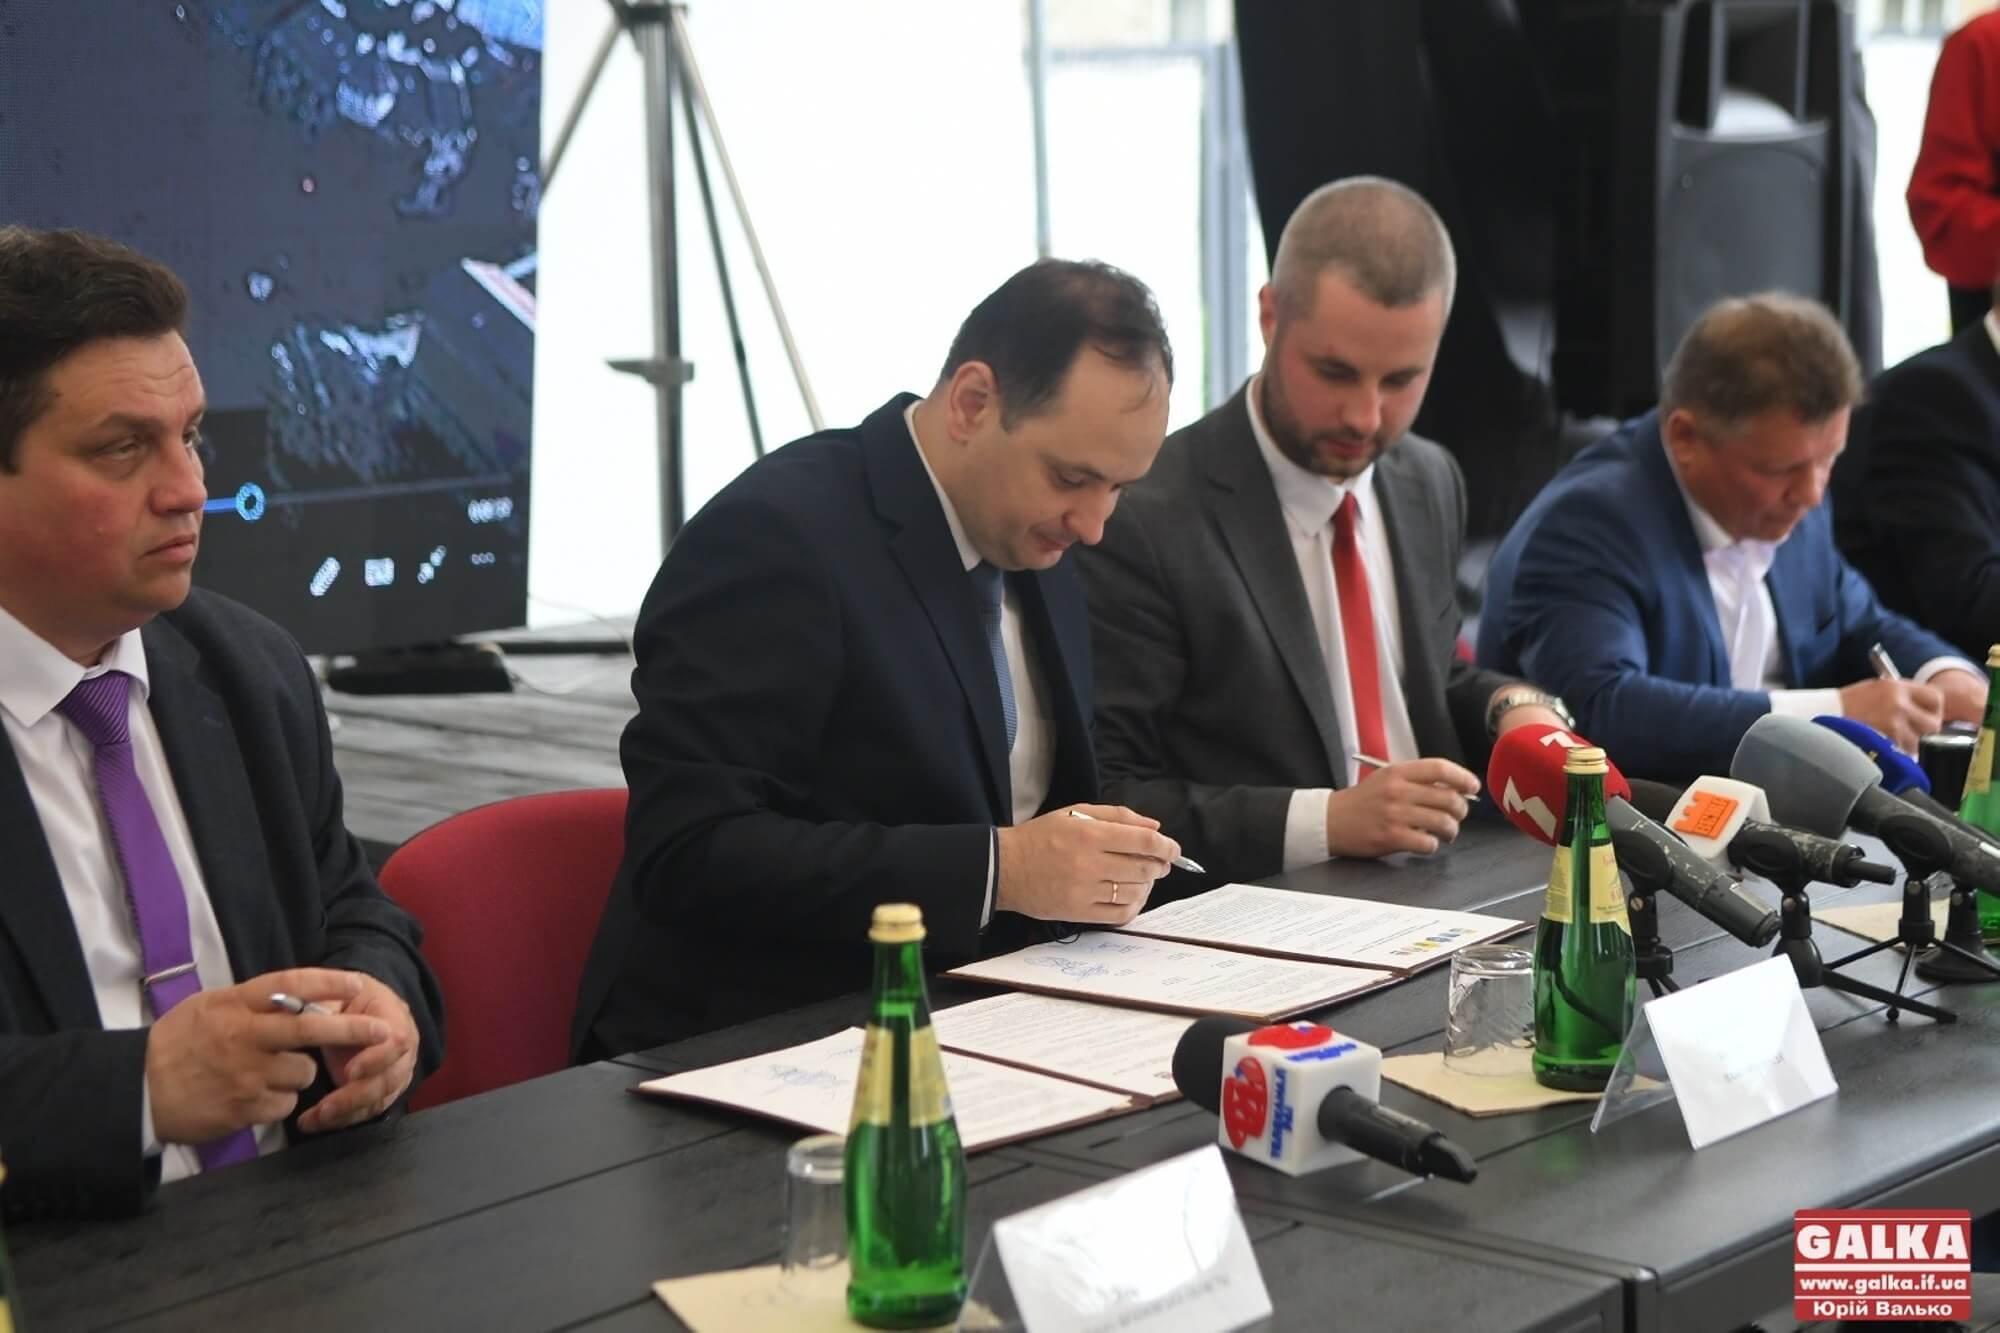 Франківськ підписав меморандум з «ідеальними» містами. Що планують зробити? (ФОТО)